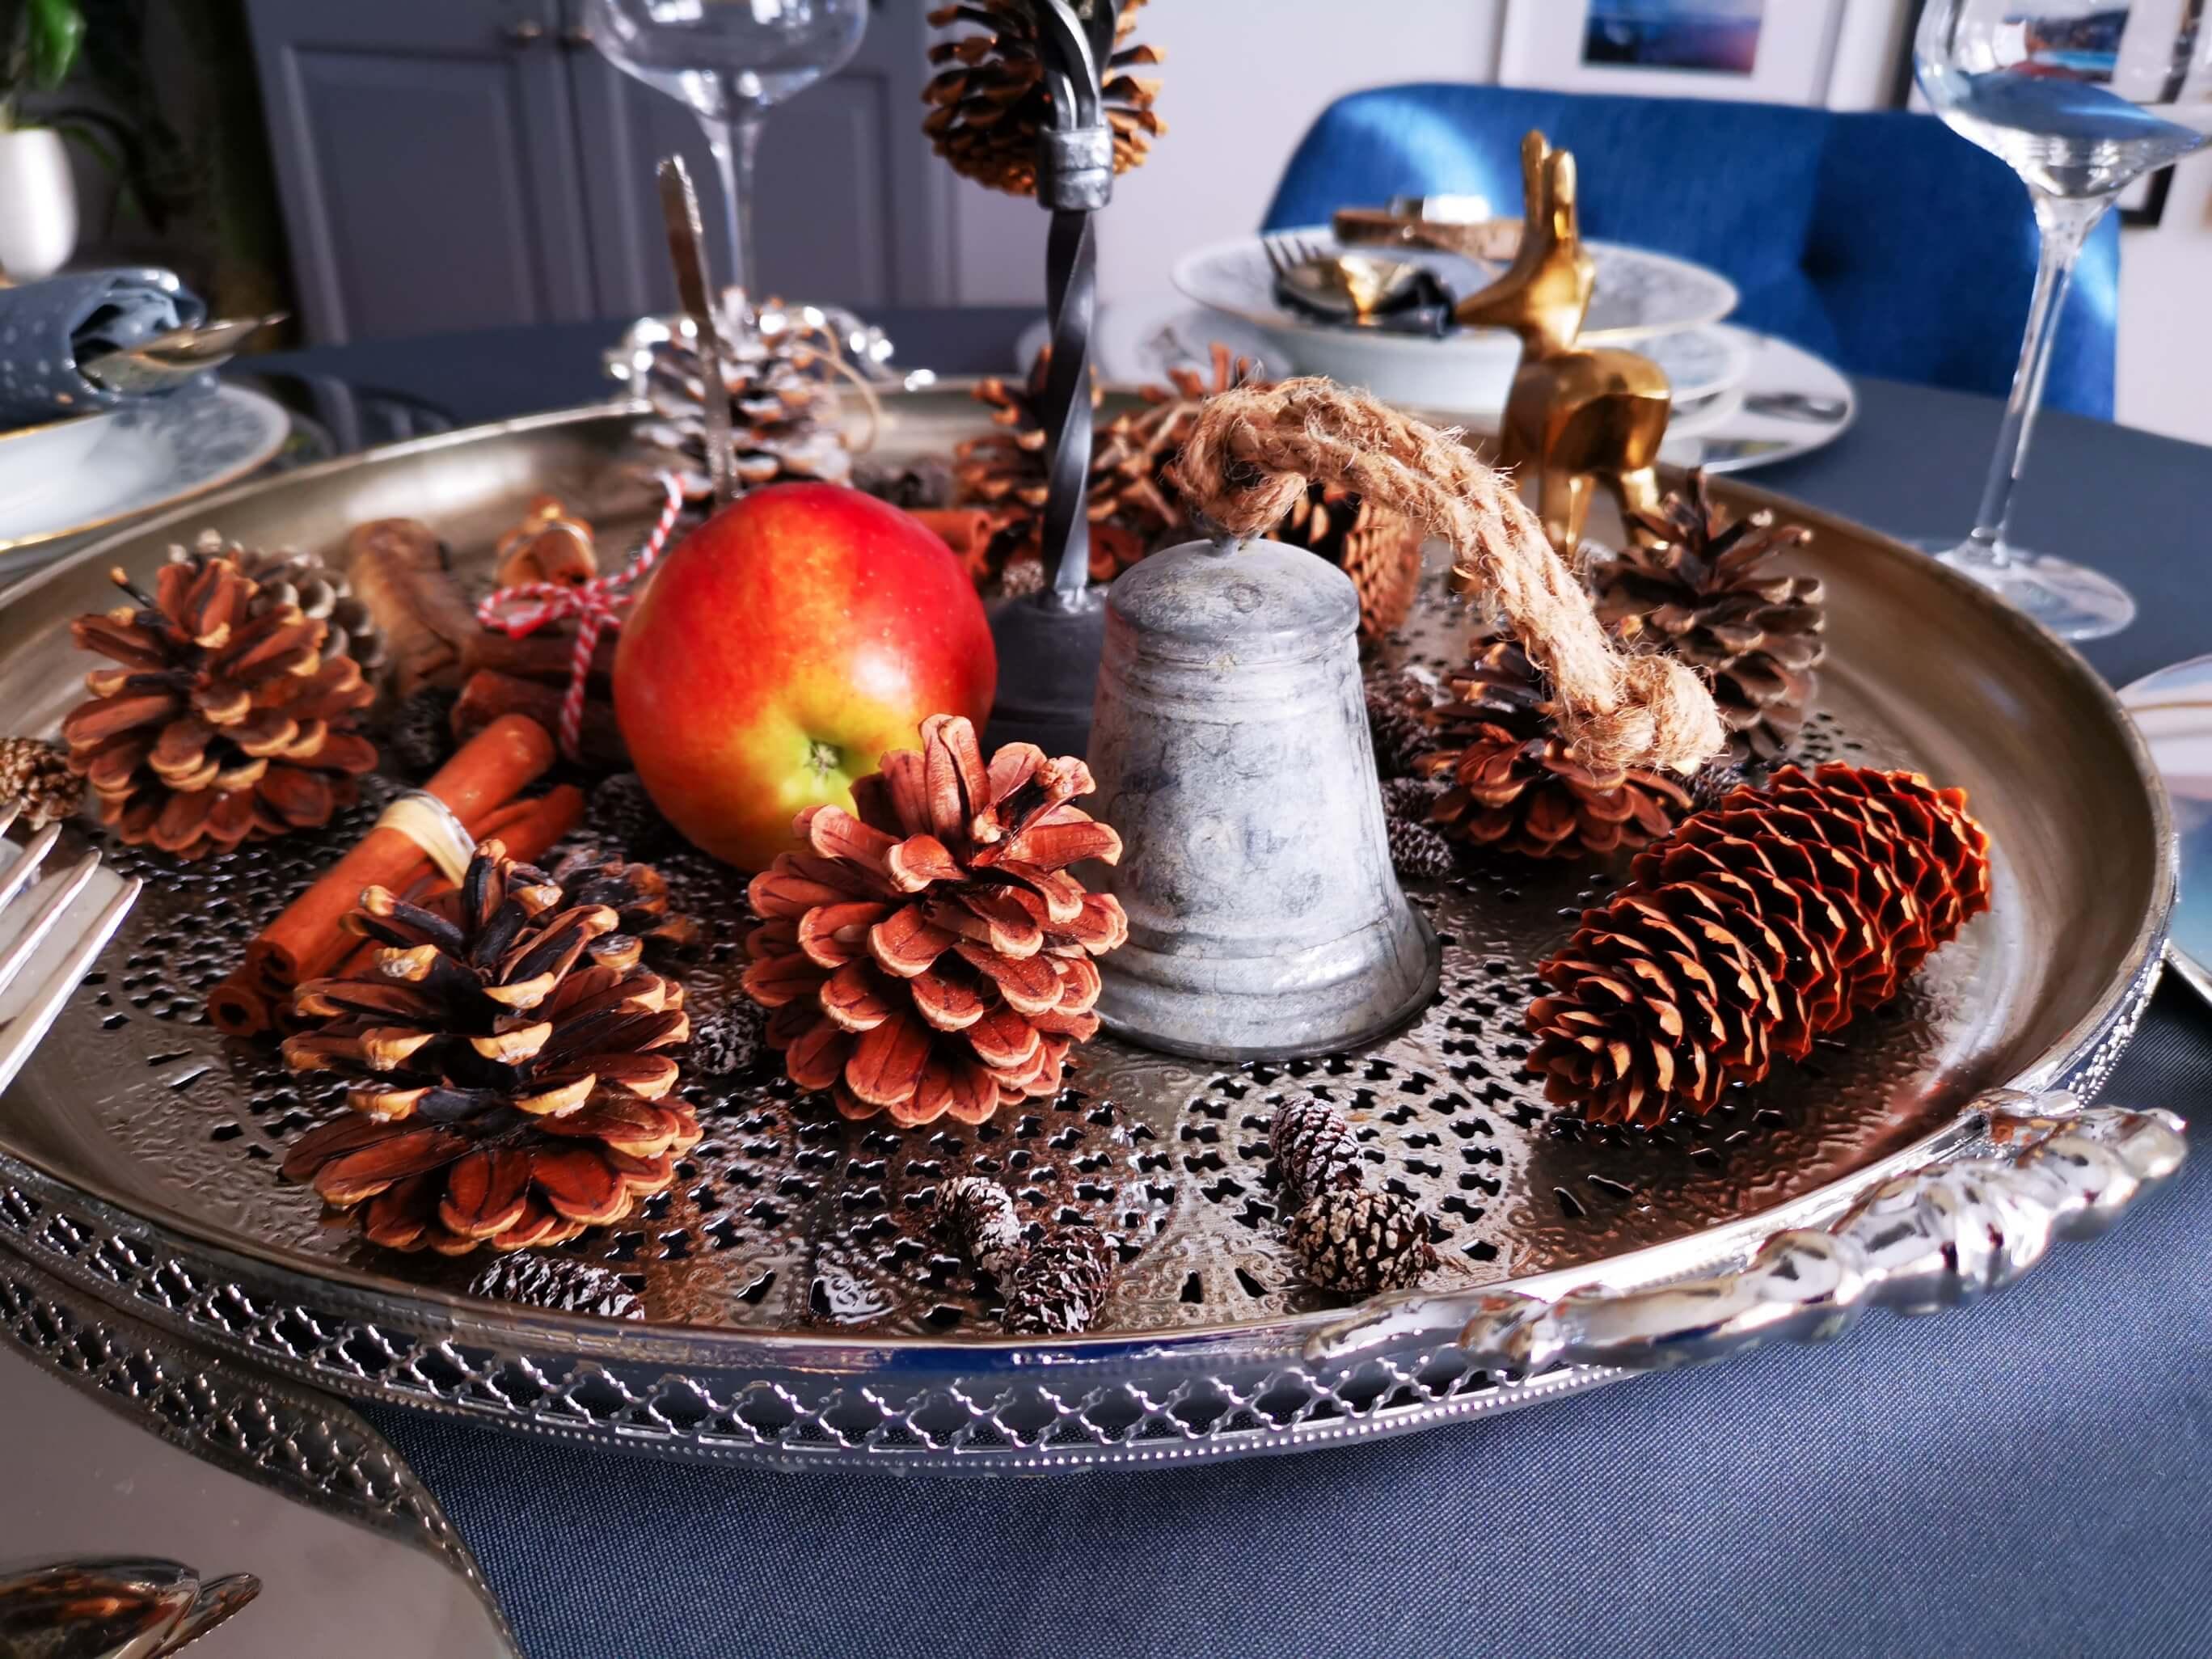 IMG 20191201 133808 resized 20191201 082852865 - Inšpirácia na krásne vyzdobený vianočný stôl